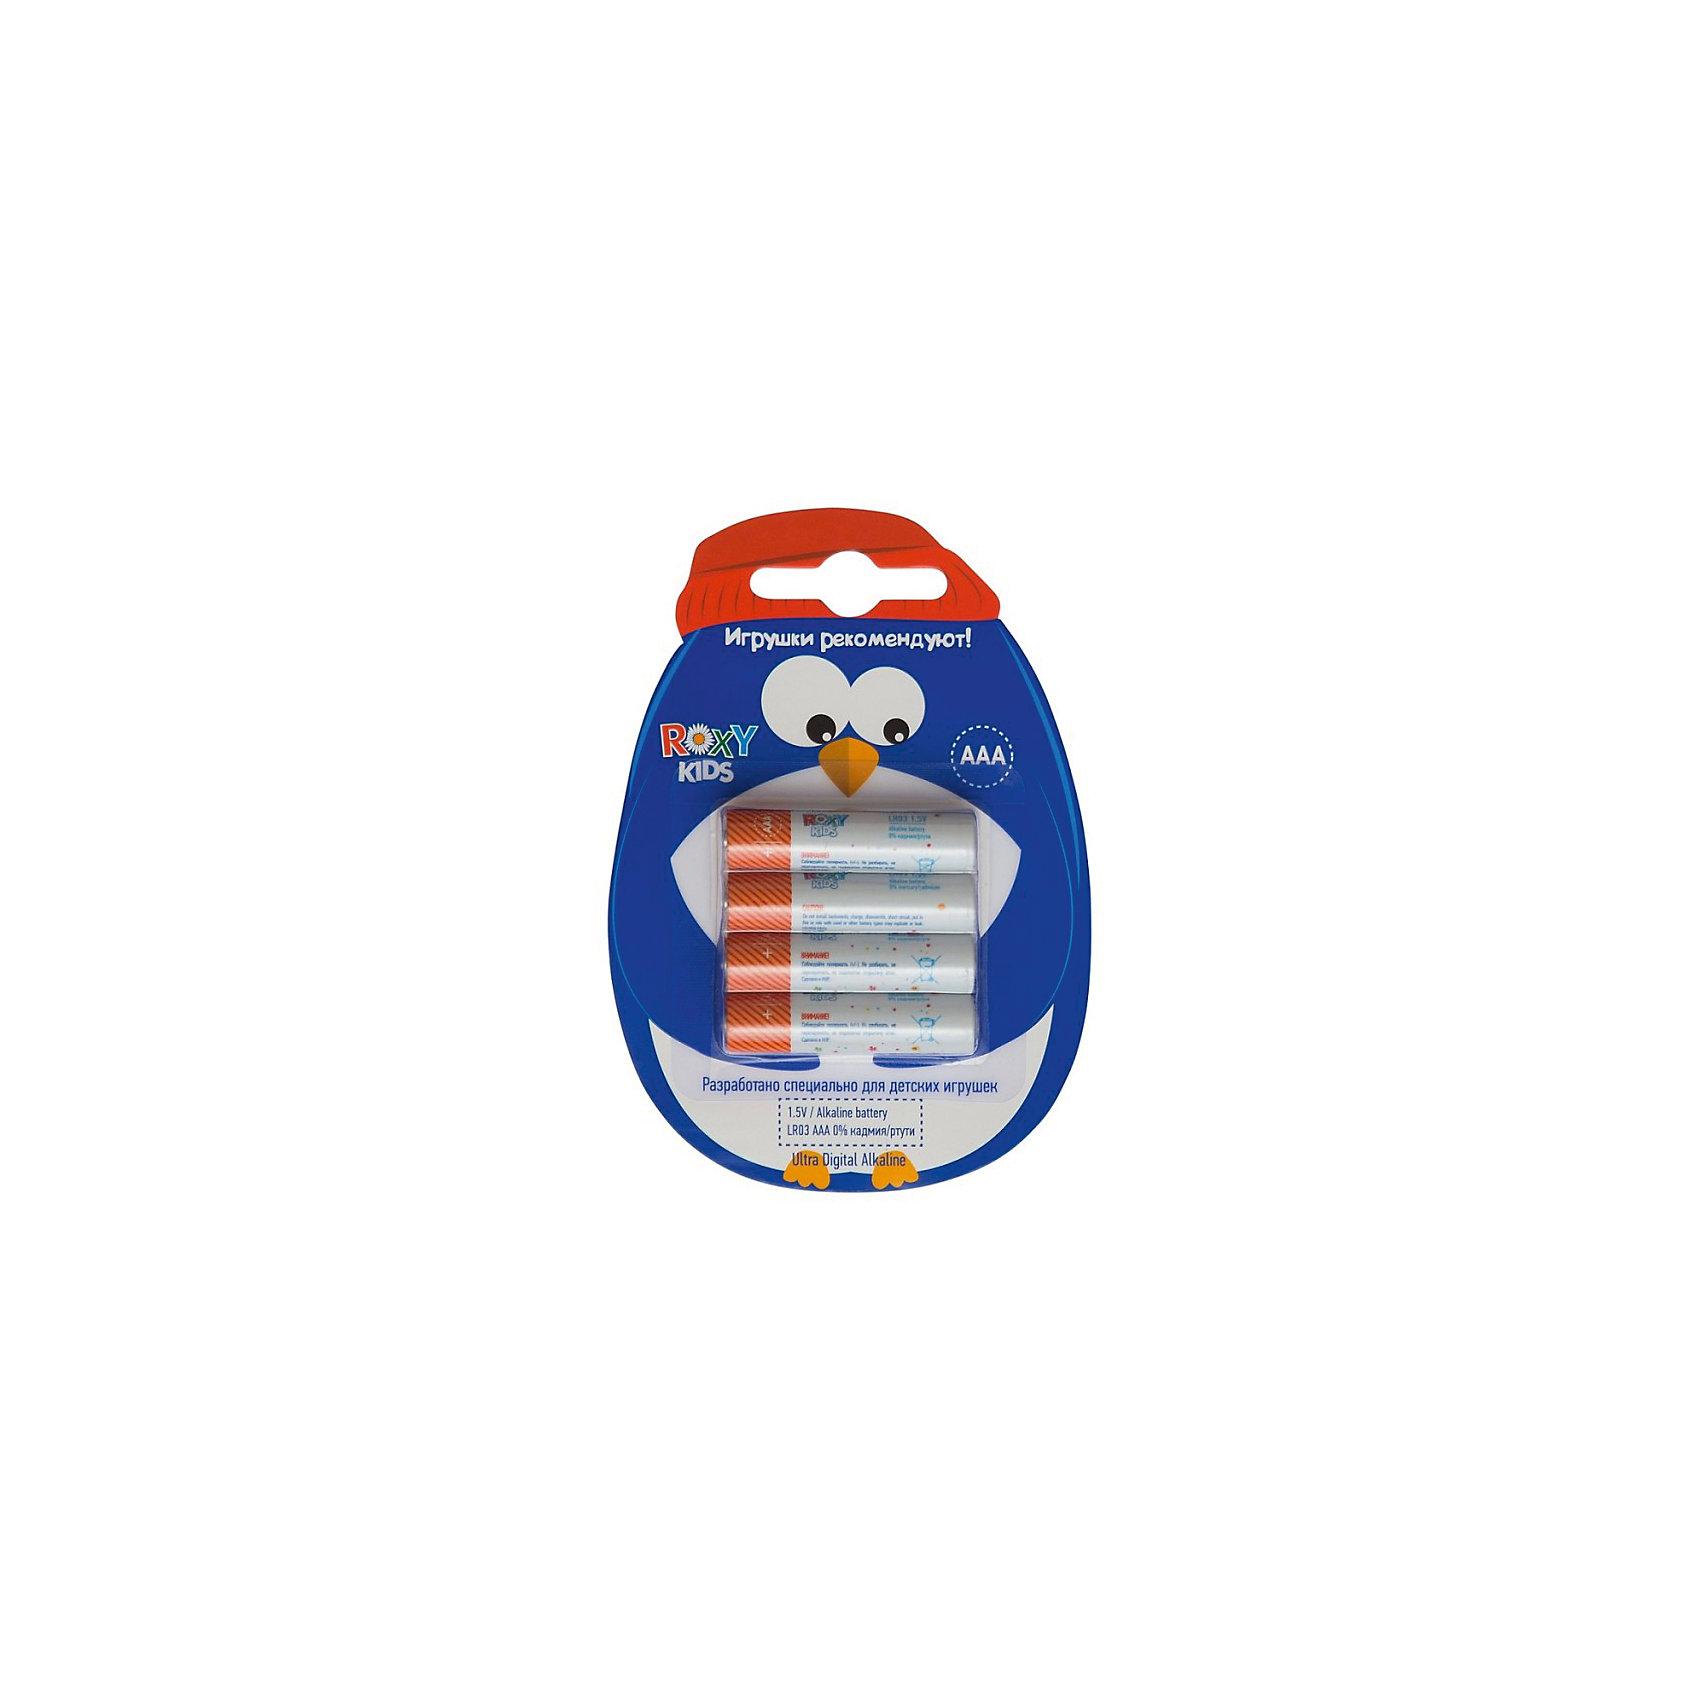 Батарейки для игрушек, тип ААА, 4 шт., Roxy-kidsДетская электроника<br>Характеристики:<br><br>• Тип электролита: алкалиновые<br>• Тип по питанию: ААА <br>• Комплектация: 4 батарейки<br>• Вес в упаковке: 40 г<br>• Размеры упаковки (Д*Ш*В): 11*8*1 см<br>• Упаковка: картонная коробка с европодвесом <br><br>Батарейка, тип ААА, 1,5В - 4 шт. в упаковке, Roxy-Kids от отечественного торгового бренда, который занимается выпуском батареек для детских игрушек. Щелочные батарейки отличаются более длительным сроком службы, повышенной герметичностью, благодаря чему батарейки не протекают. Изделия соответствуют стандартам безопасности товаров, предназначенных для детей. В их составе отсутствует ртуть и кадмий. Элементы питания хорошо переносят низкие температуры, сохраняя при этом свои свойства и качества. В наборе предусмотрены четыре батарейки. <br><br>Батарейку, тип ААА, 1,5В - 4 шт. в упаковке, Roxy-Kids можно купить в нашем интернет-магазине.<br><br>Ширина мм: 110<br>Глубина мм: 80<br>Высота мм: 10<br>Вес г: 40<br>Возраст от месяцев: 192<br>Возраст до месяцев: 1188<br>Пол: Унисекс<br>Возраст: Детский<br>SKU: 4188903